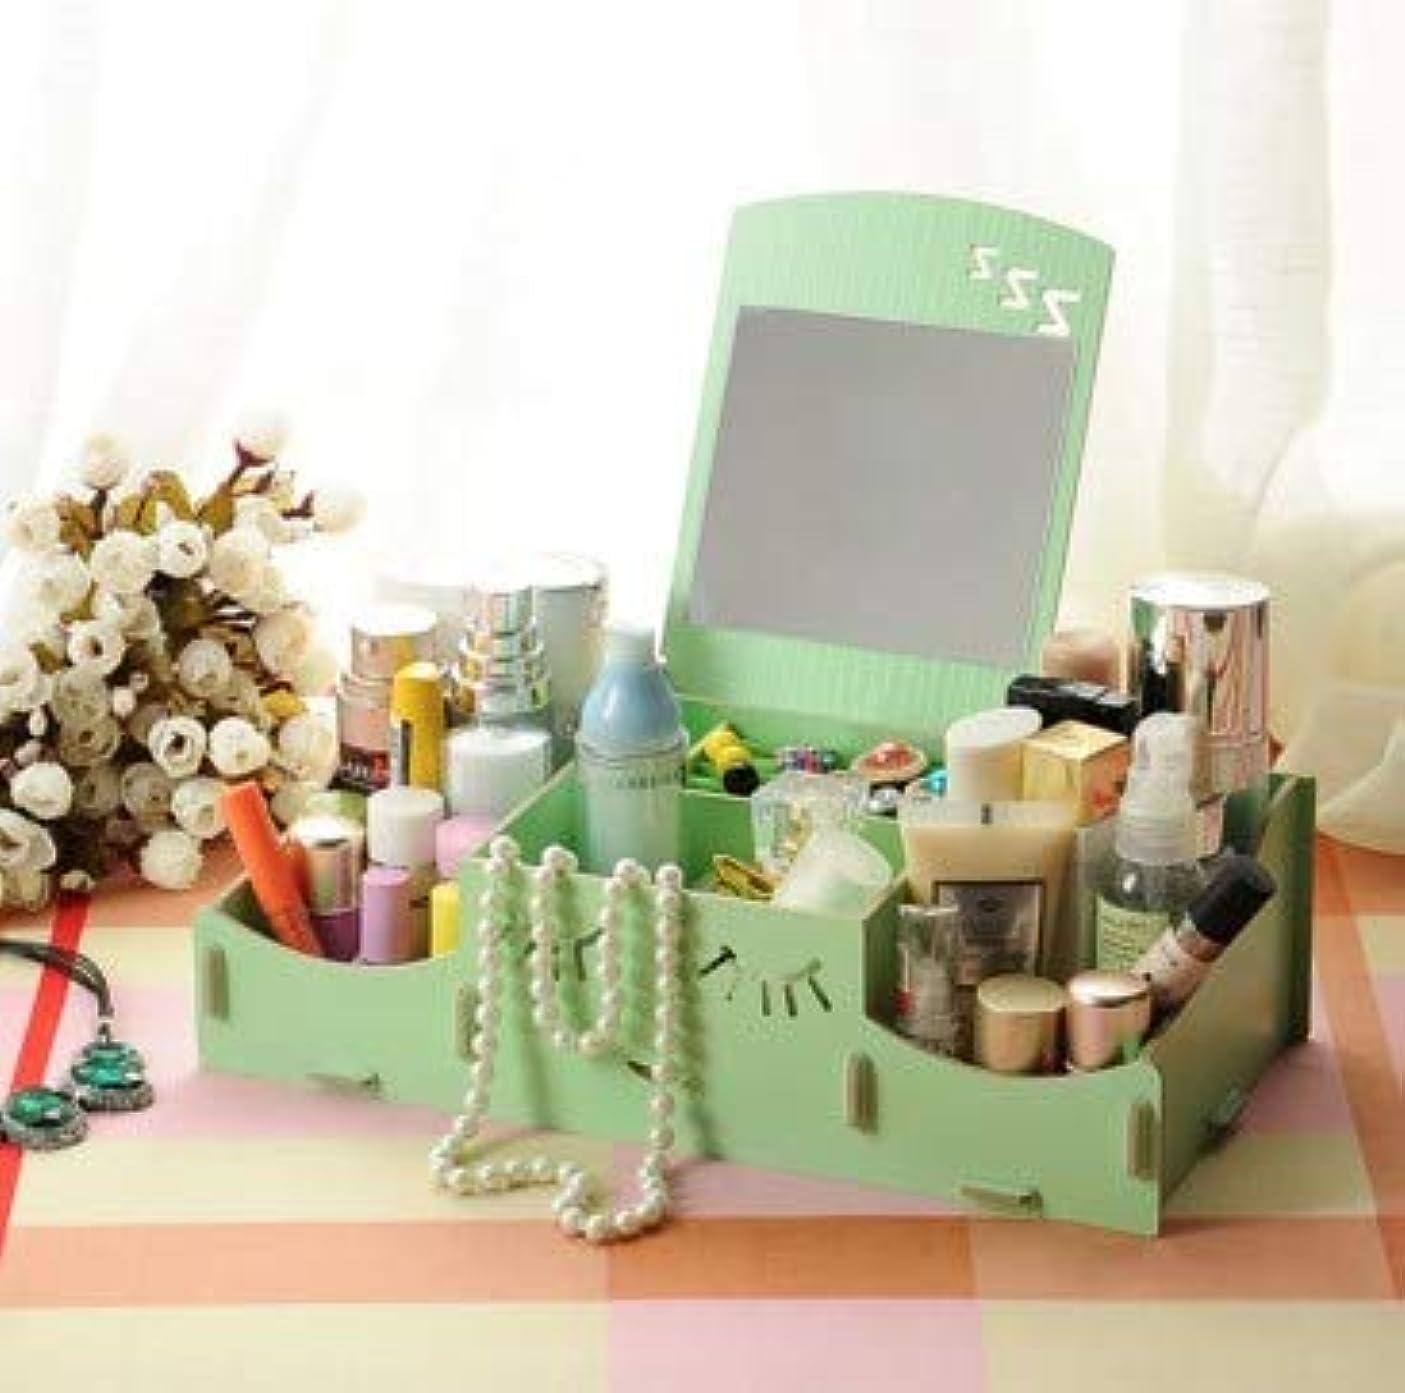 倫理的悪夢小競り合いスマイリー木製クリエイティブ収納ボックス手作りデスクトップミラー化粧品収納ボックス化粧品収納ボックス (Color : グリンー)